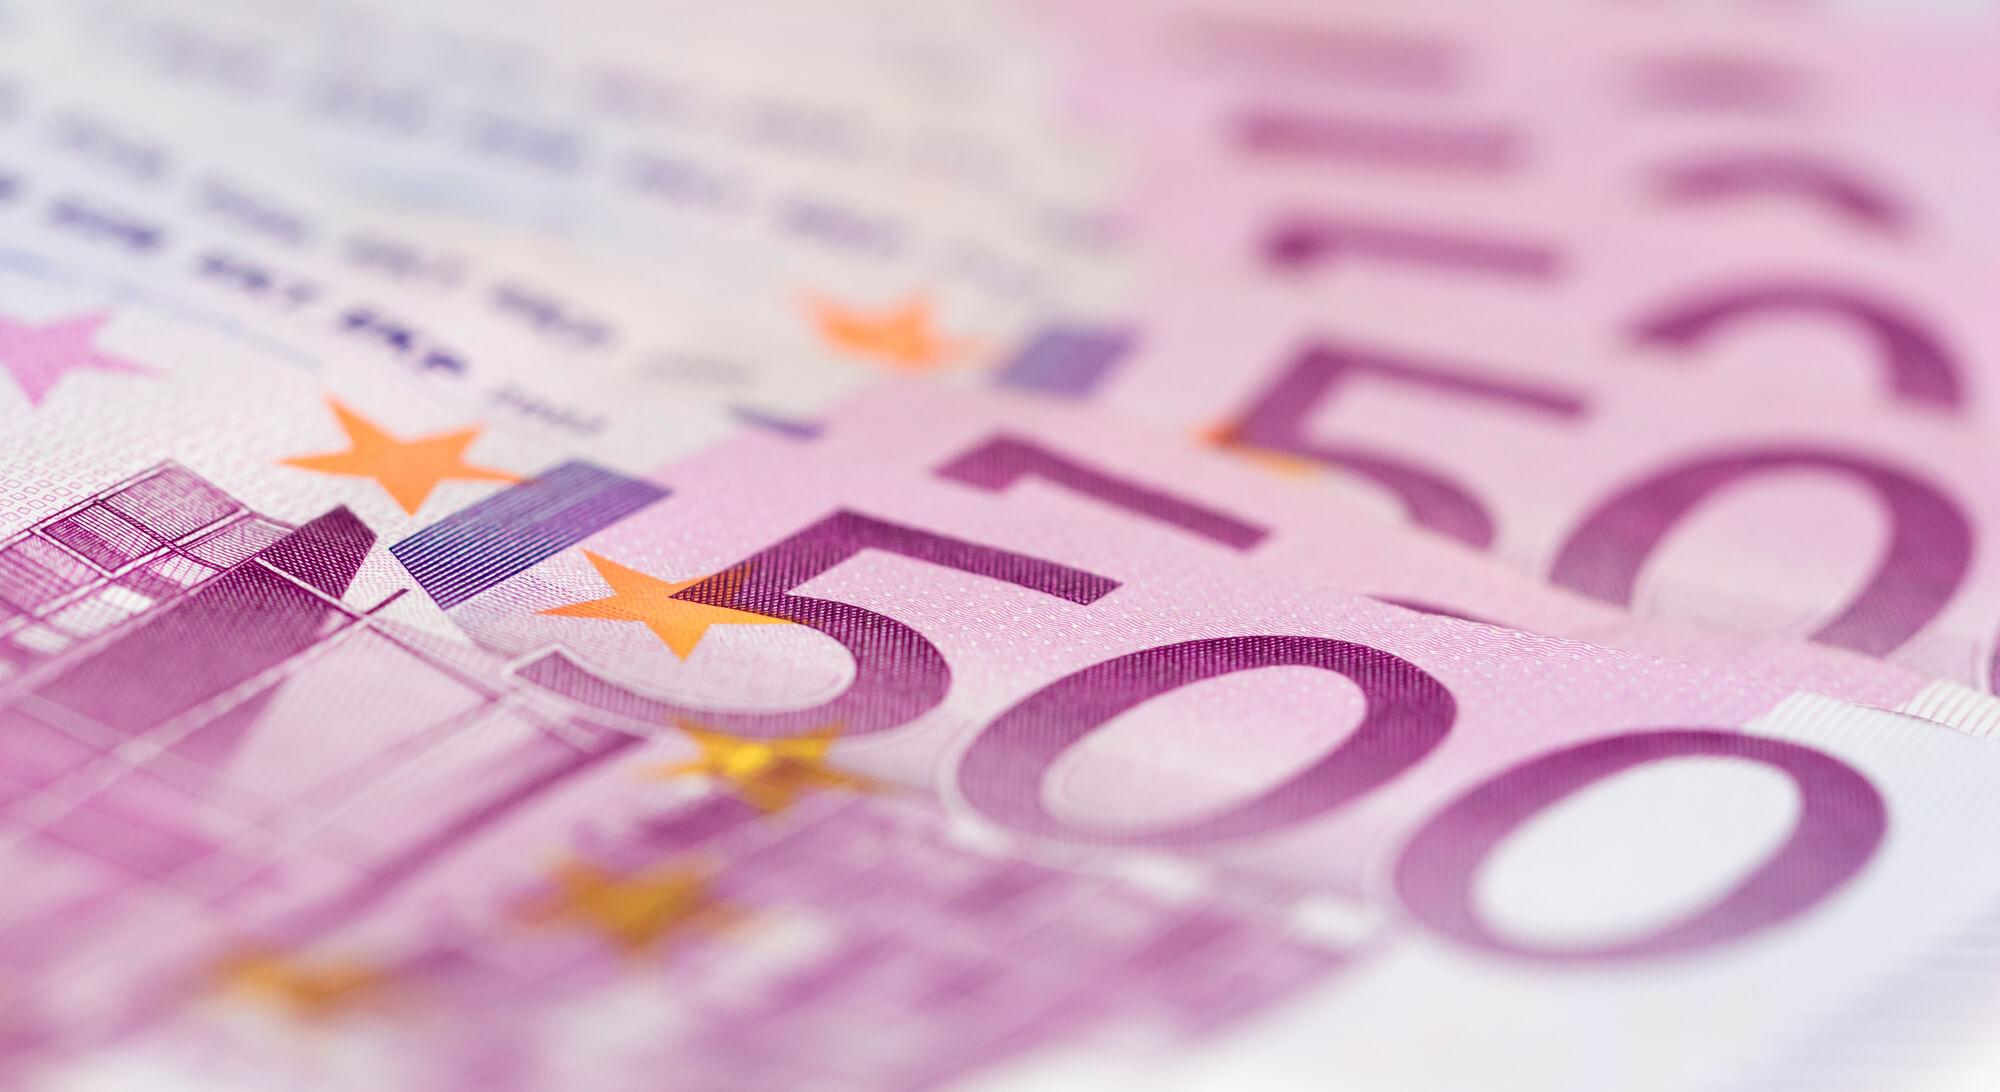 Tot € 500 financiële ondersteuning voor digitale werkzaamheden